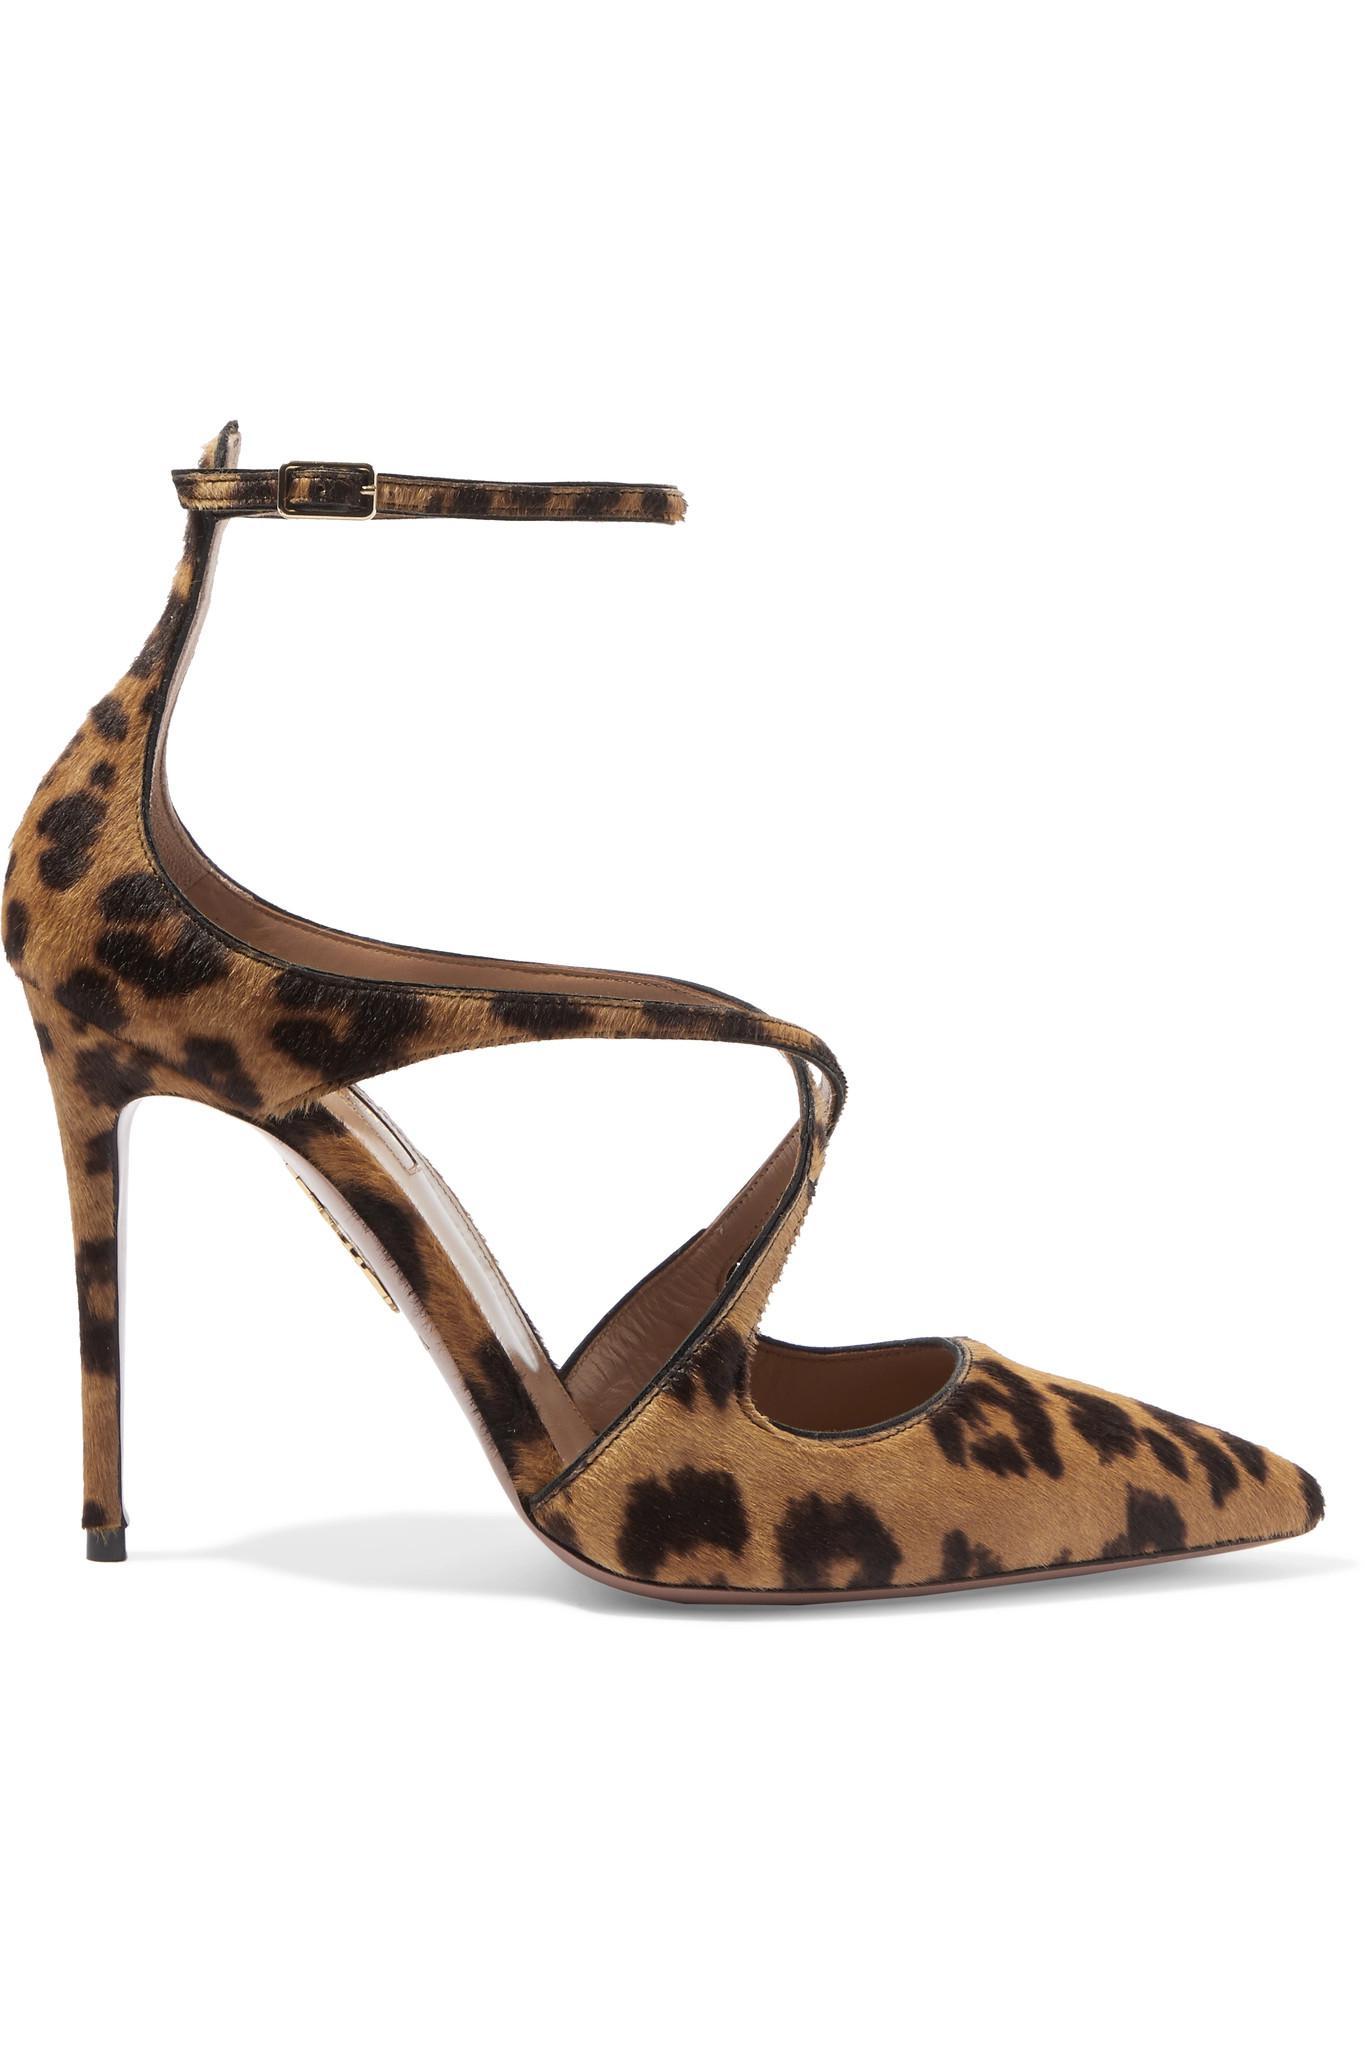 c5a1ec9dfbde Lyst - Aquazzura Viviana Leopard-print Calf Hair And Leather Pumps ...